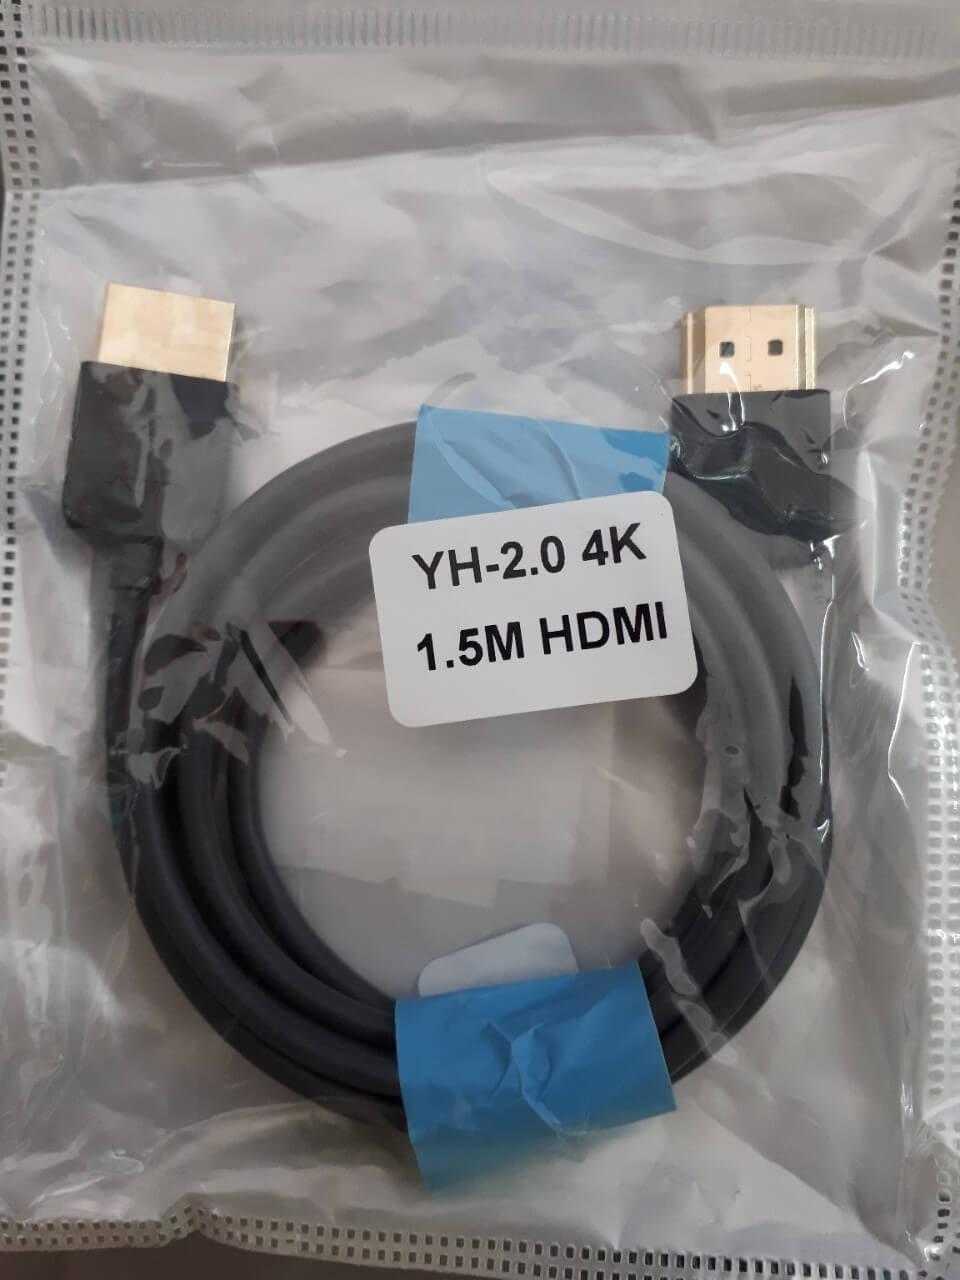 Hdmi 1.5m 2.0  yh-2.0 4k